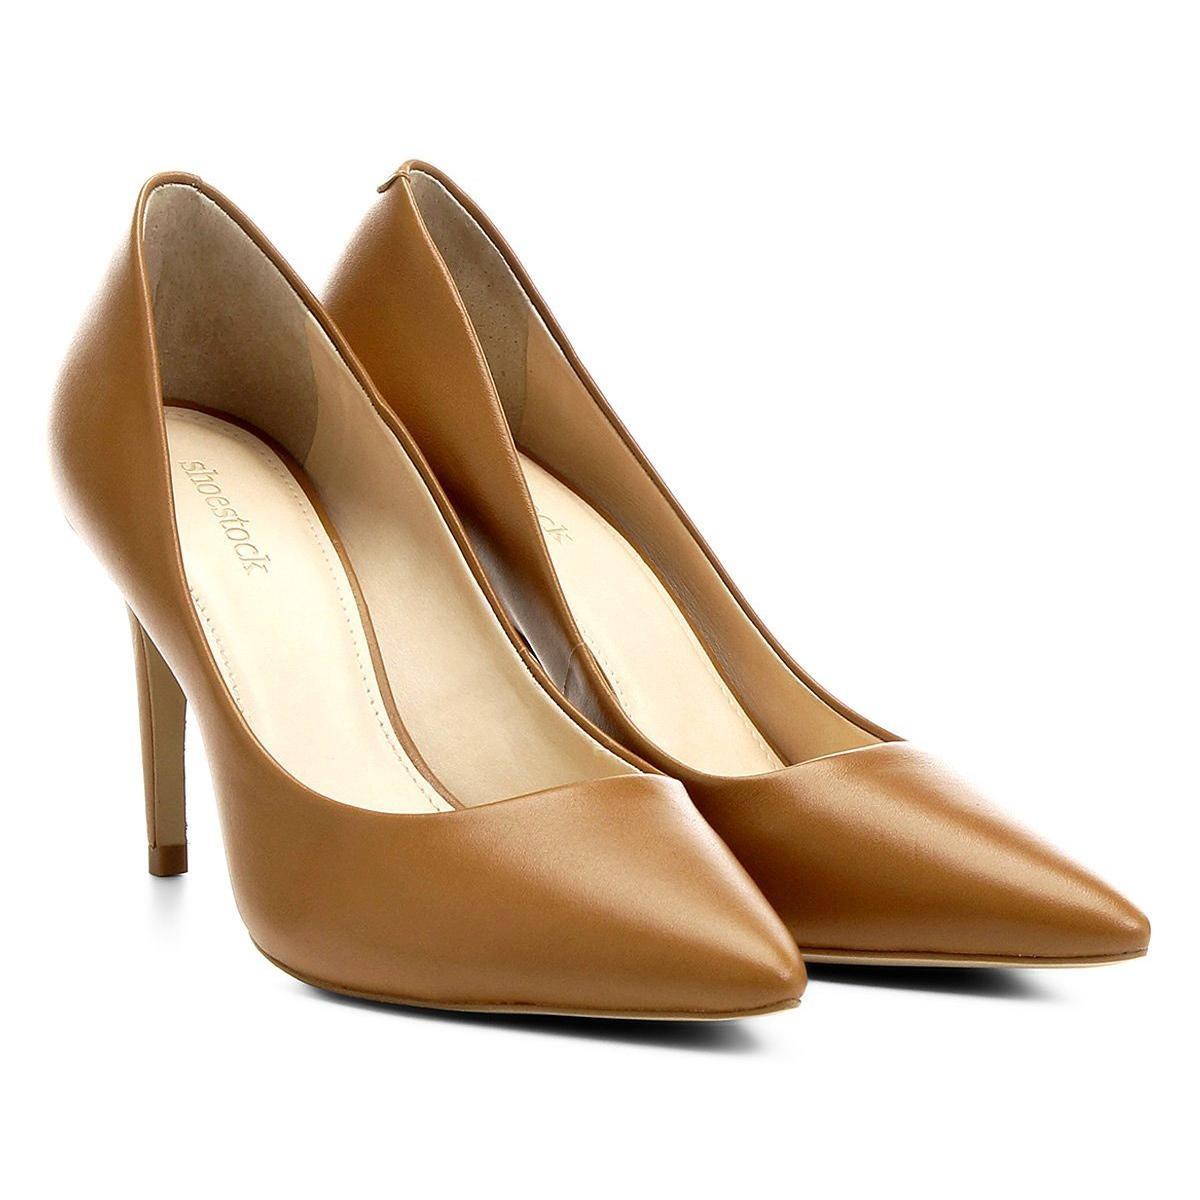 cf97cb4f84 Scarpin Couro Shoestock Salto Alto - R  199